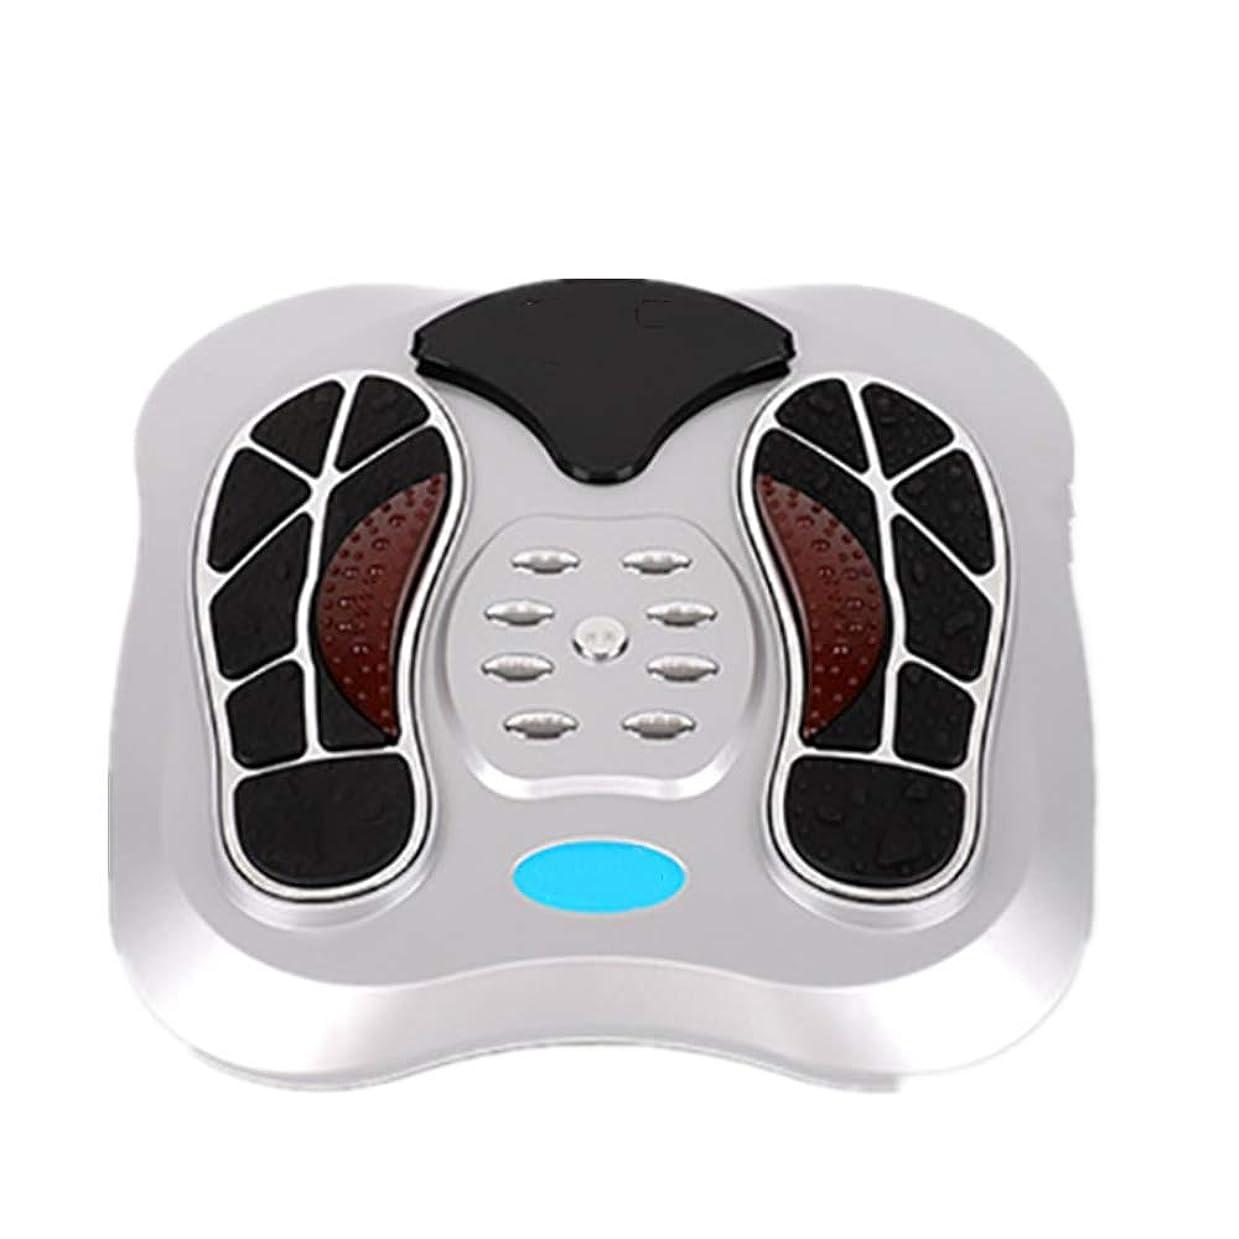 嵐の旅客キウイ電磁足循環マッサージ器99種類の電磁波強度25種類のマッサージモードは、血液循環を改善し、痛みを和らげるのに役立ちます